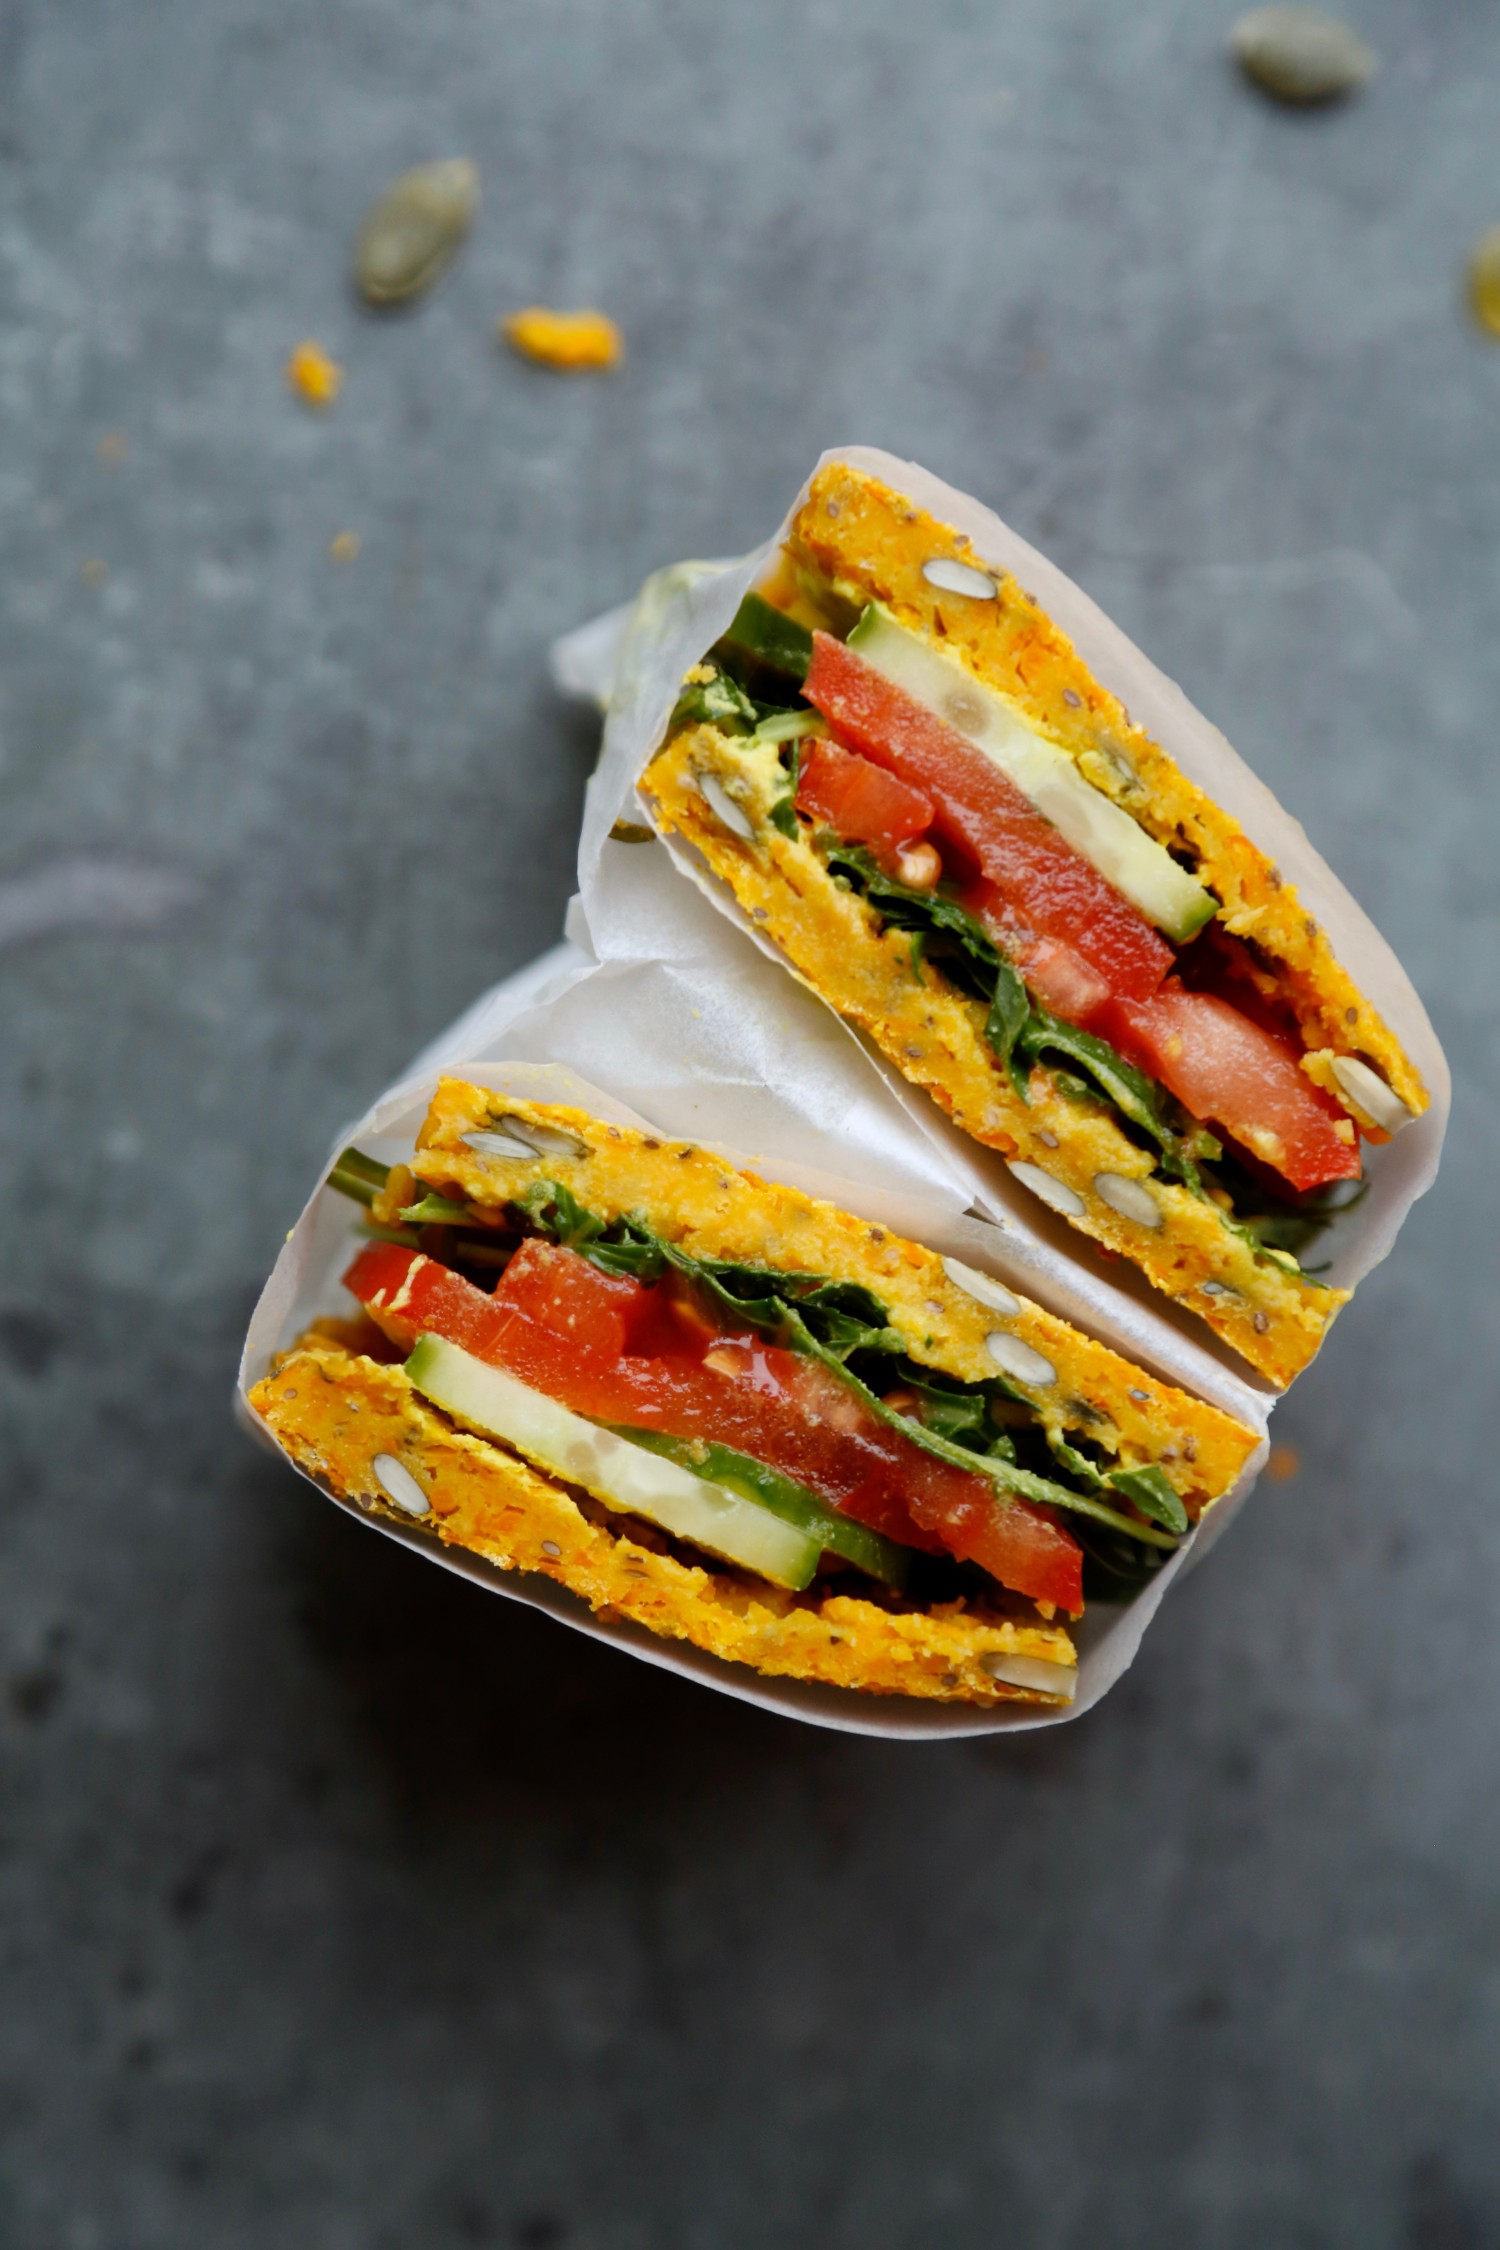 opskrift-glutenfri-fladbroed-perfekt-til-sandwich-5